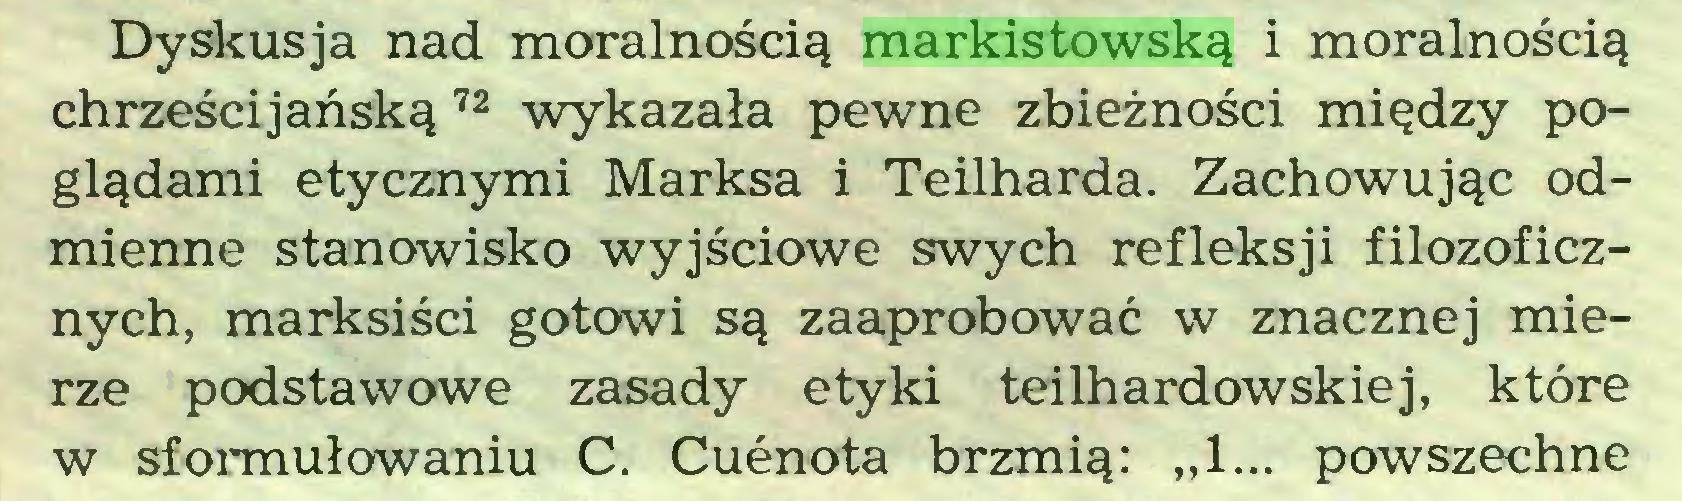 """(...) Dyskusja nad moralnością markistowską i moralnością chrześcijańską 72 wykazała pewne zbieżności między poglądami etycznymi Marksa i Teilharda. Zachowując odmienne stanowisko wyjściowe swych refleksji filozoficznych, marksiści gotowi są zaaprobować w znacznej mierze podstawowe zasady etyki teilhardowskiej, które w sformułowaniu C. Cuenota brzmią: """"1... powszechne..."""